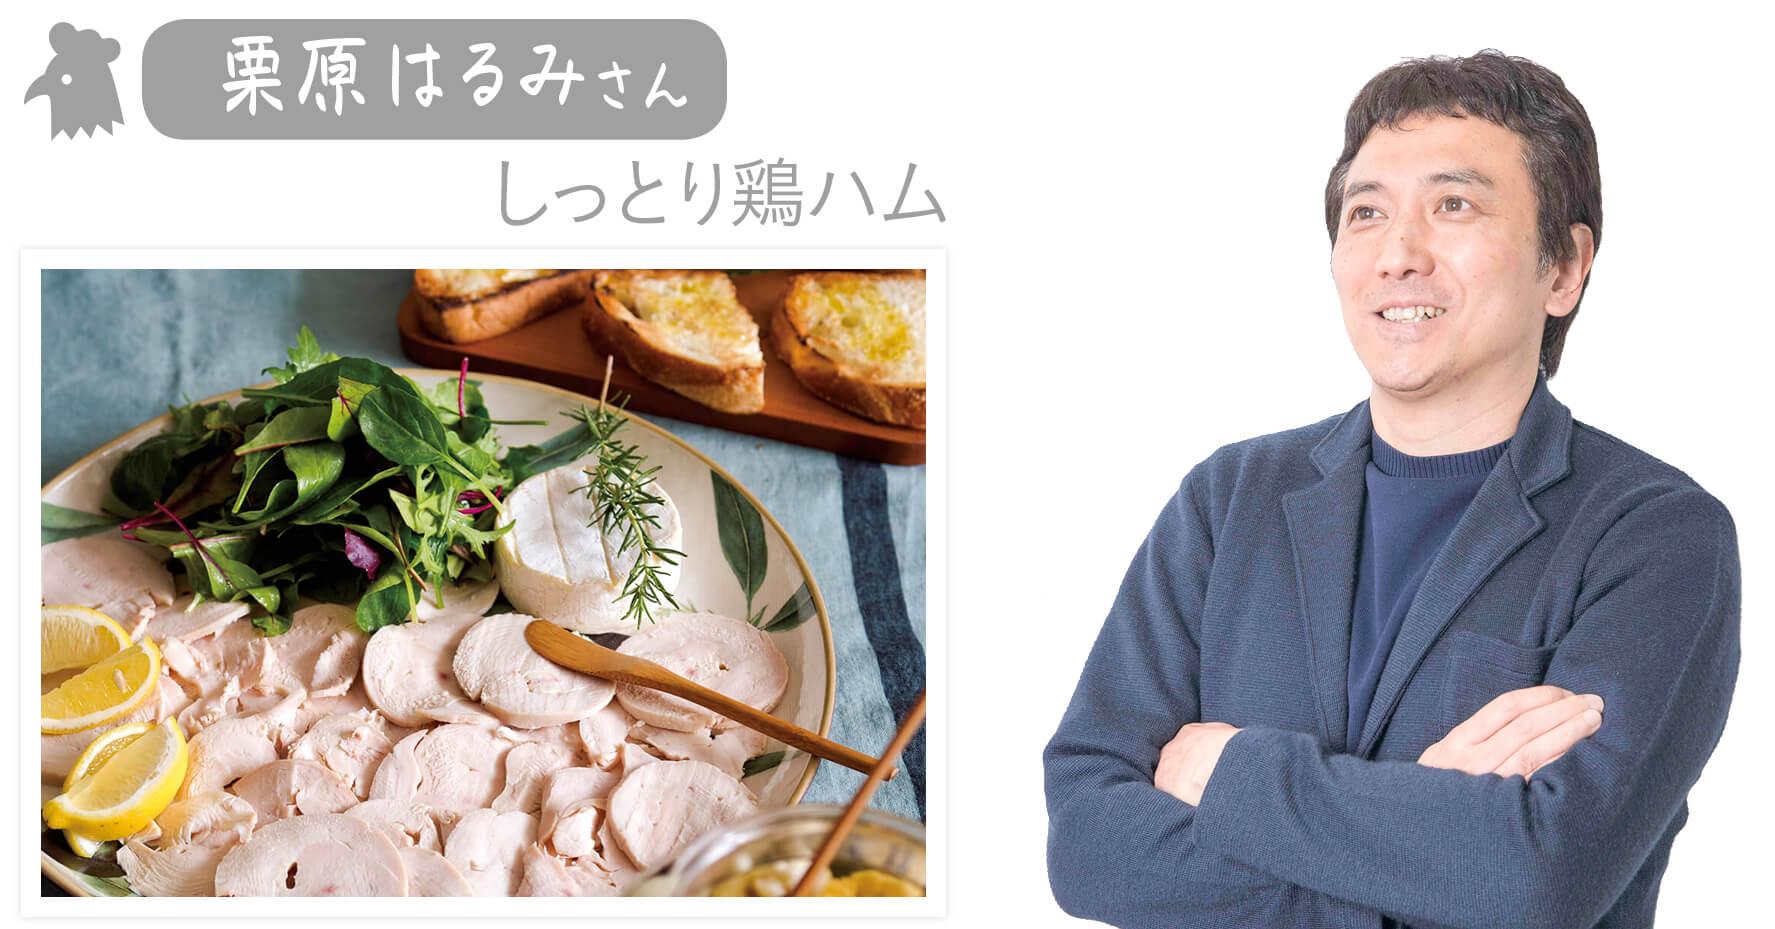 編集長サキヤお気に入り「栗原はるみさんのしっとり鶏ハム」